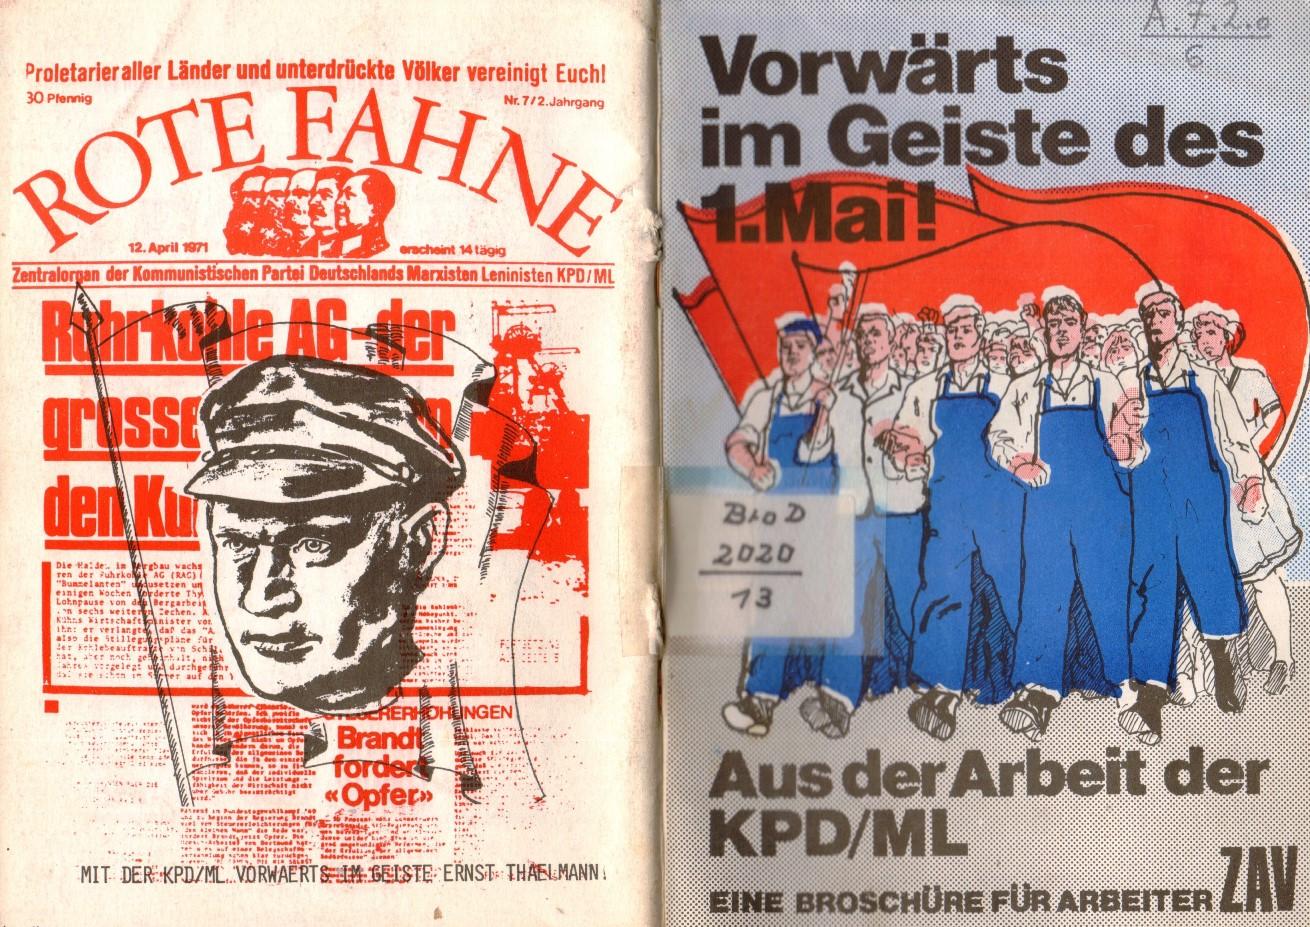 ZB_1971_Vorwaerts_im_Geiste_des_Ersten_Mai_01